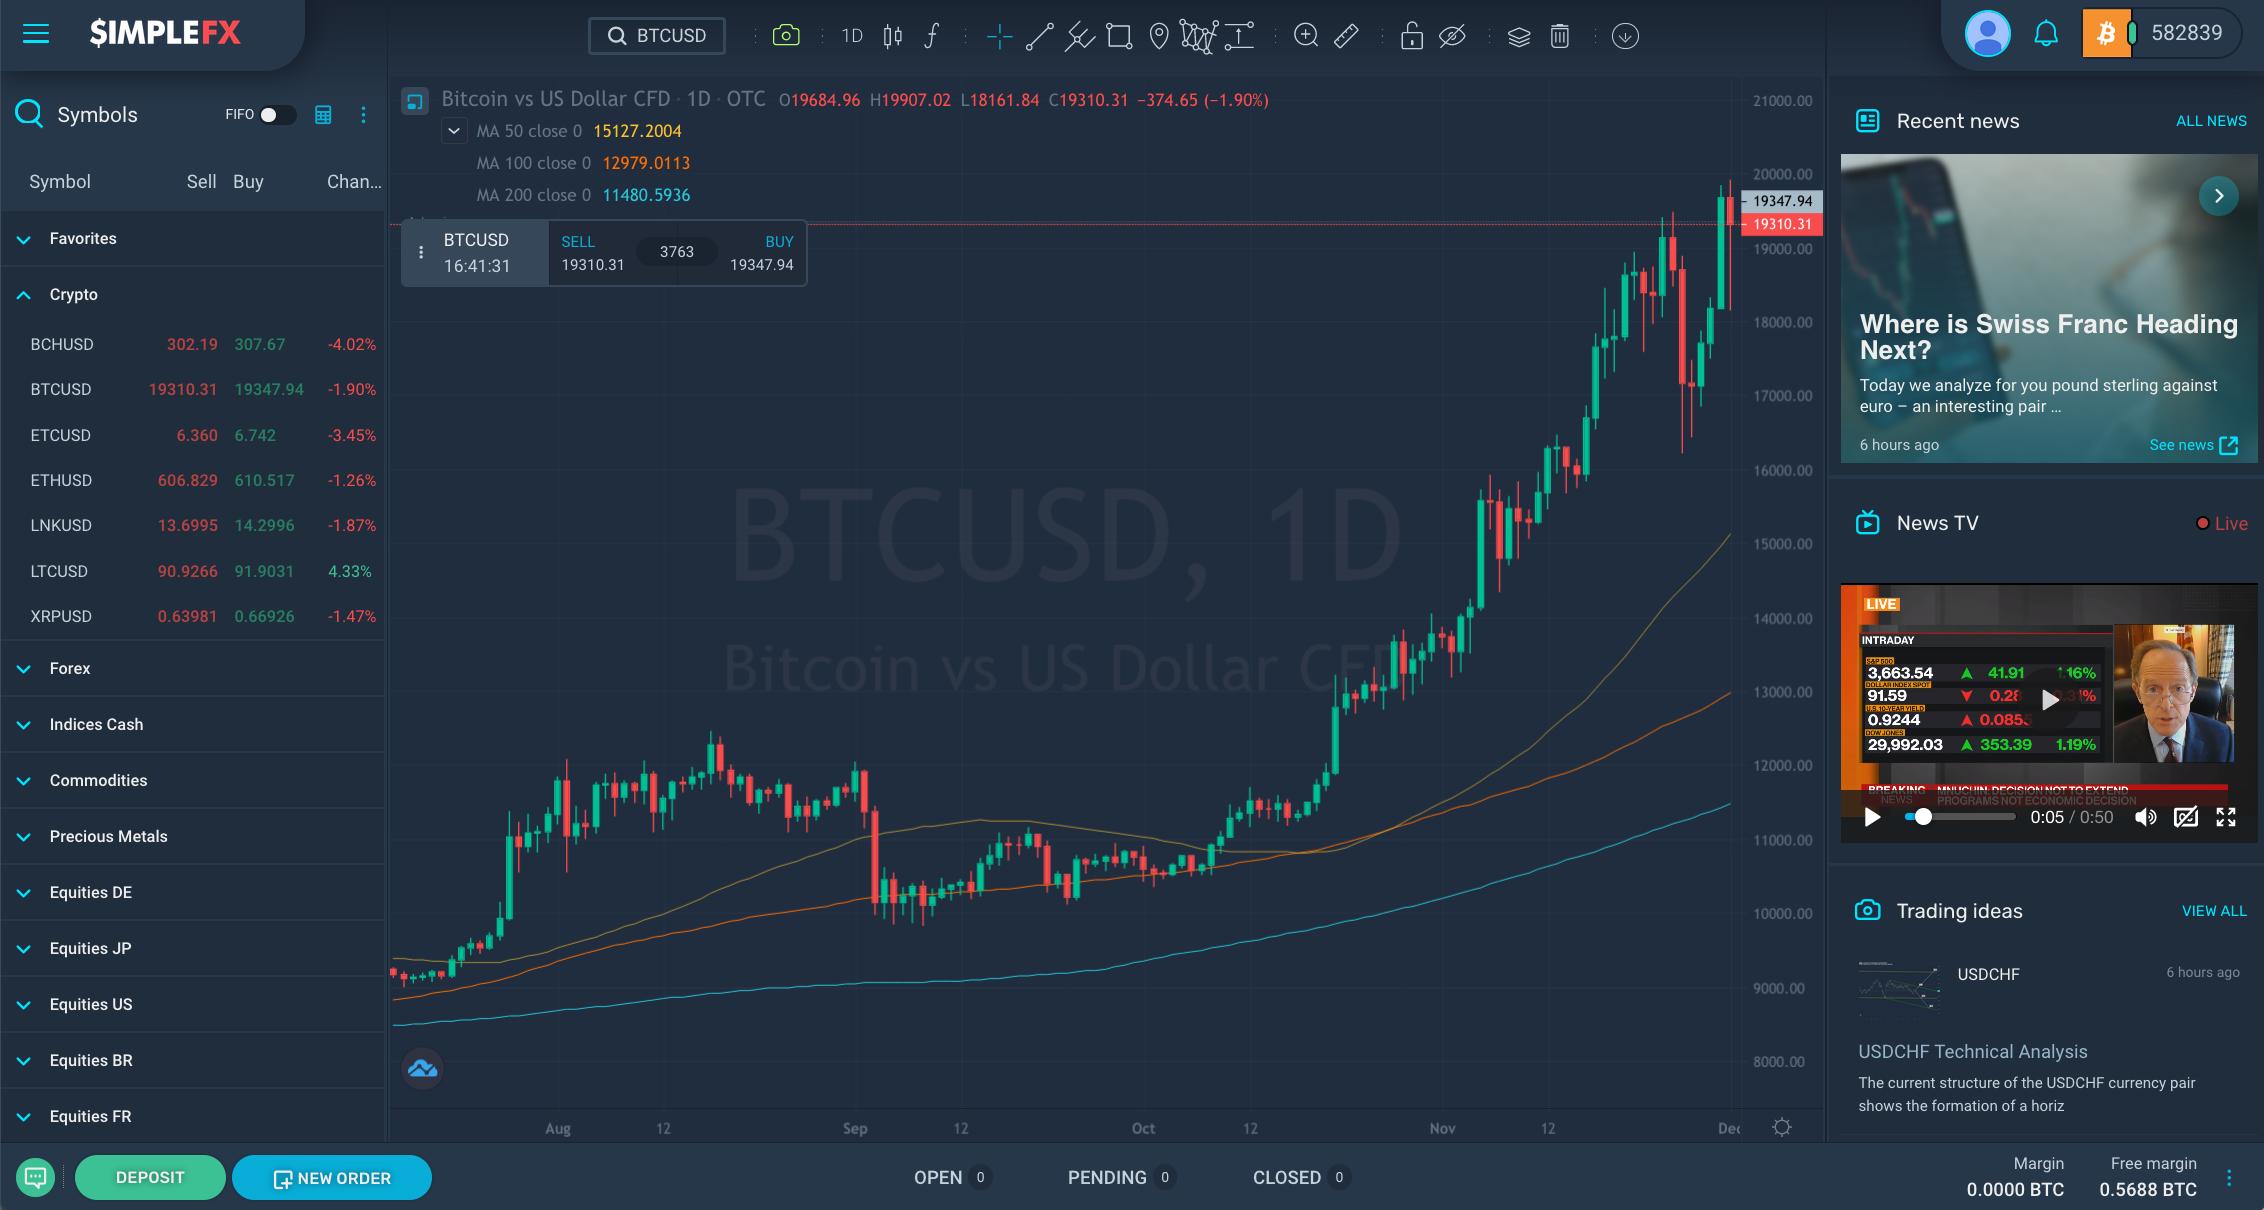 tudsz kereskedni a bitcoin forex-en bitcoin számjegyek